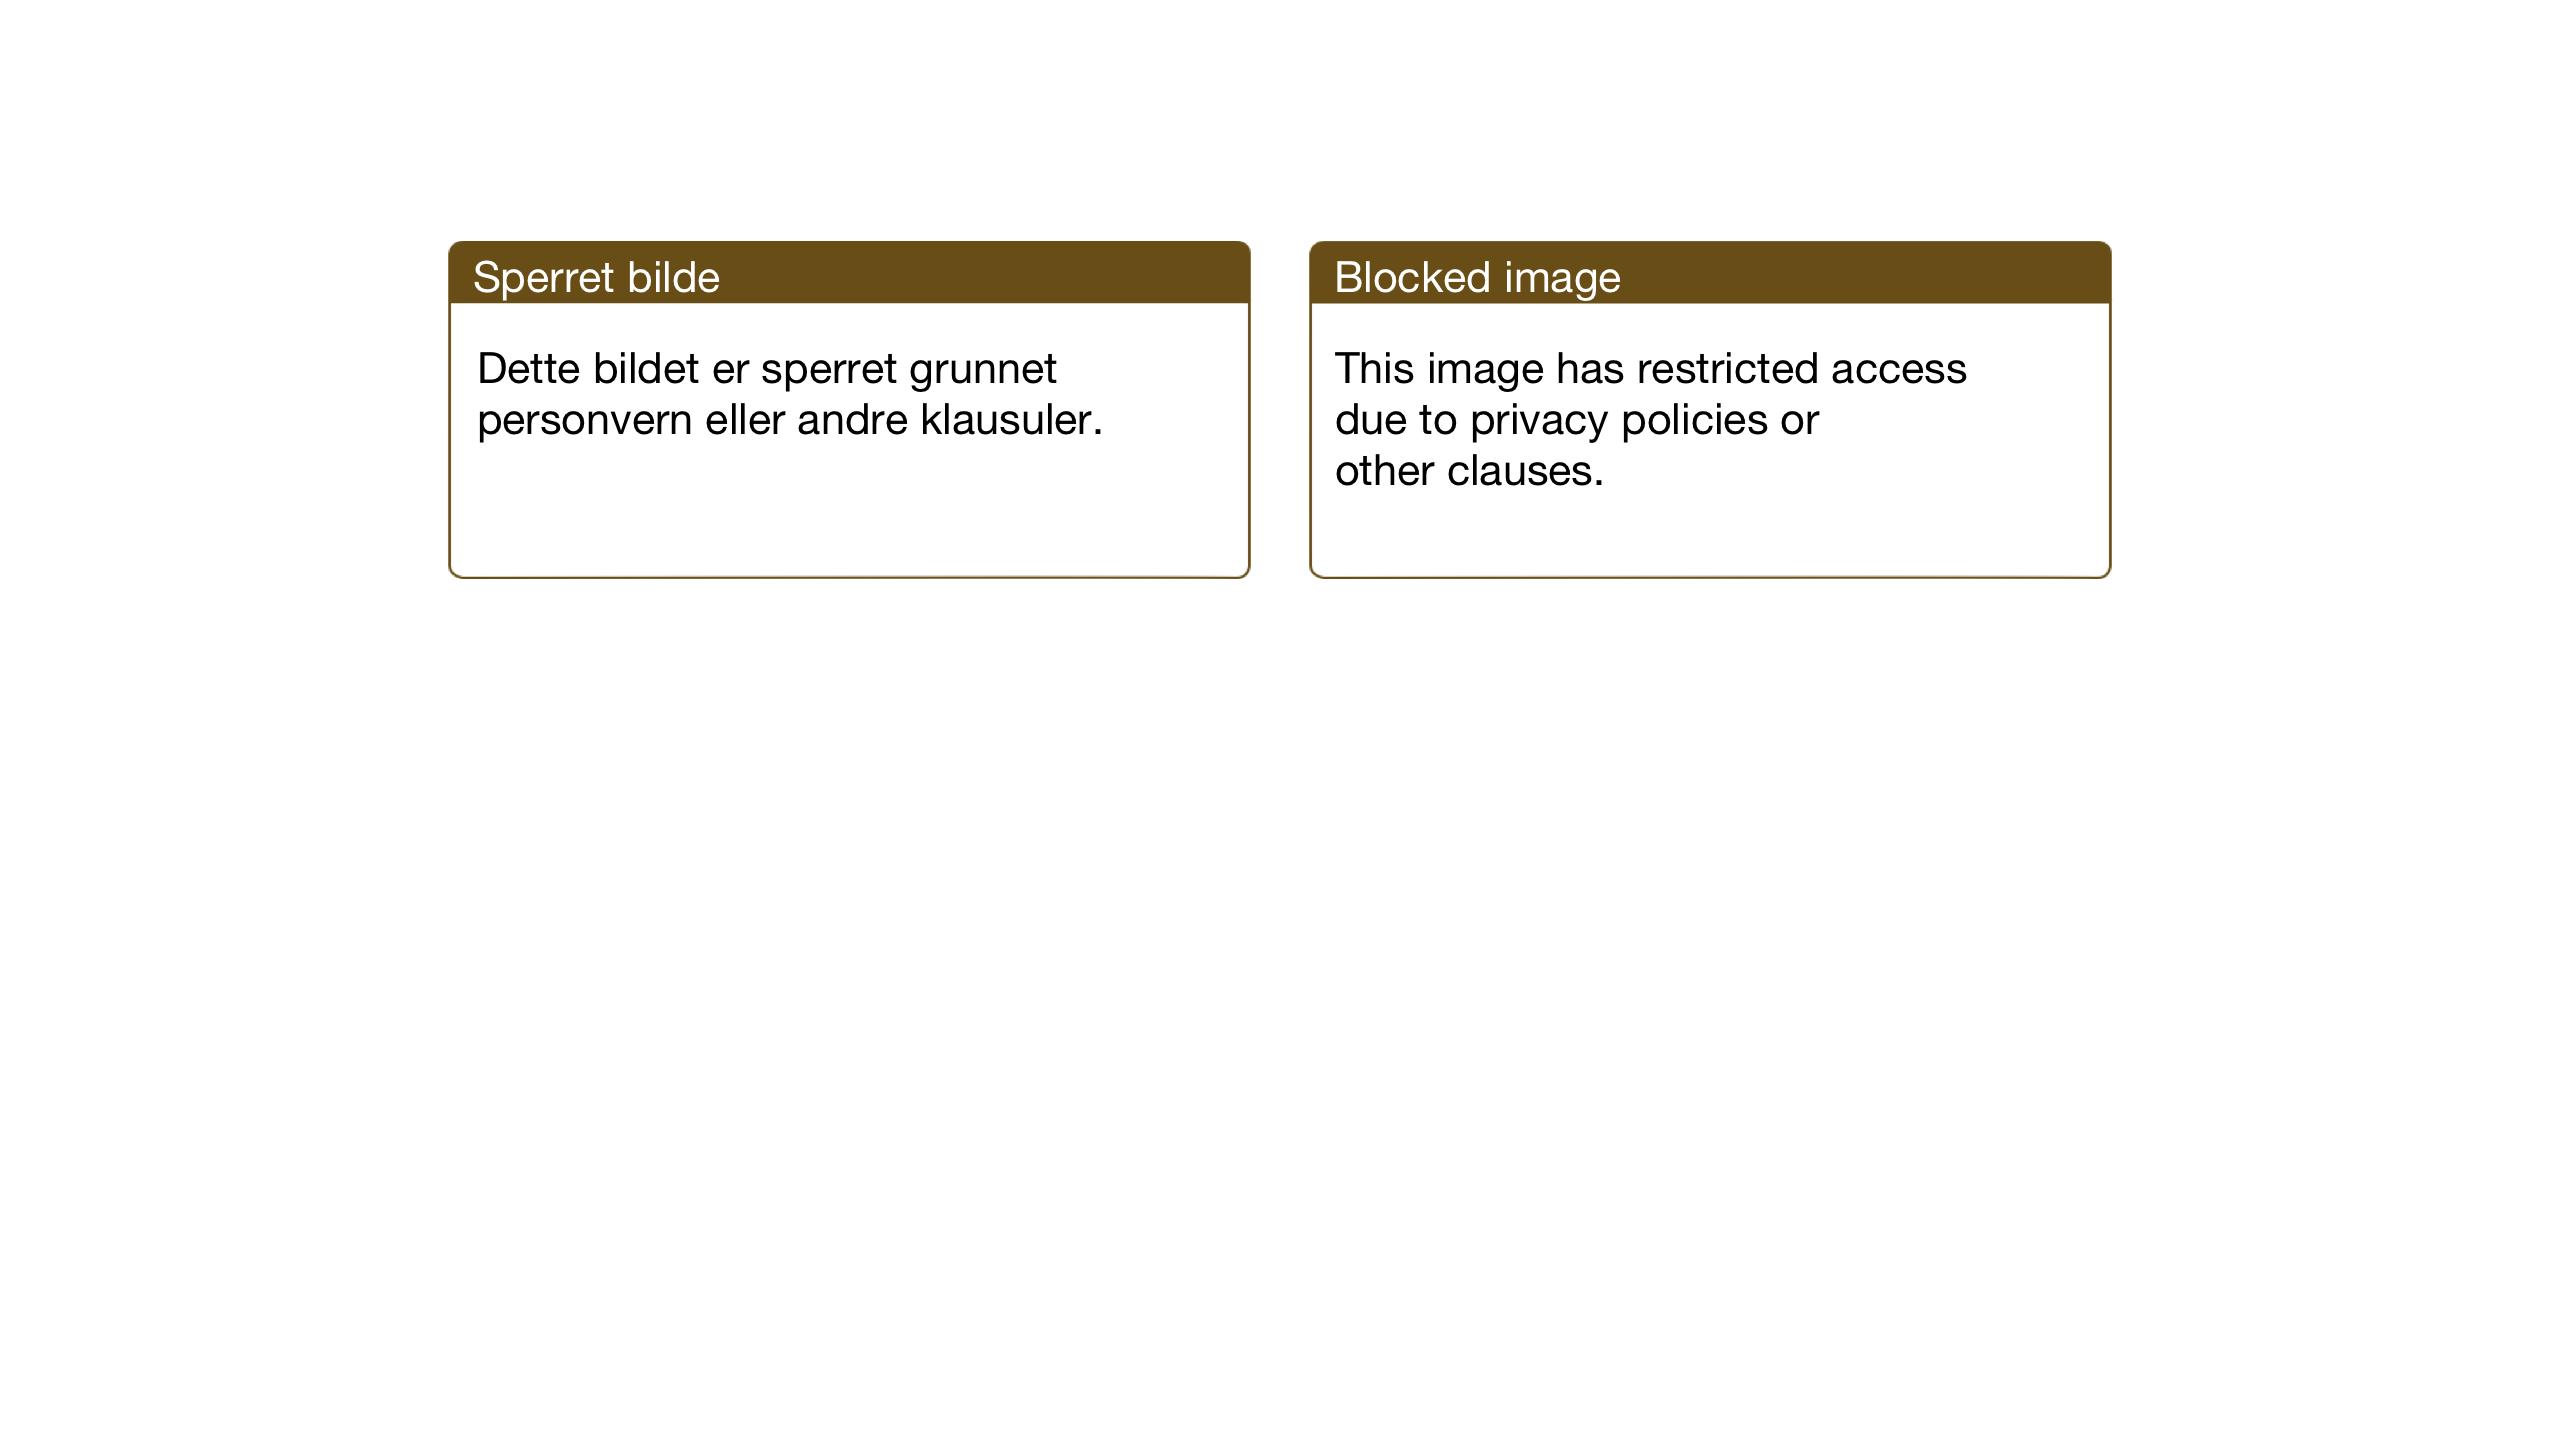 SAT, Ministerialprotokoller, klokkerbøker og fødselsregistre - Nord-Trøndelag, 740/L0383: Klokkerbok nr. 740C04, 1927-1939, s. 85